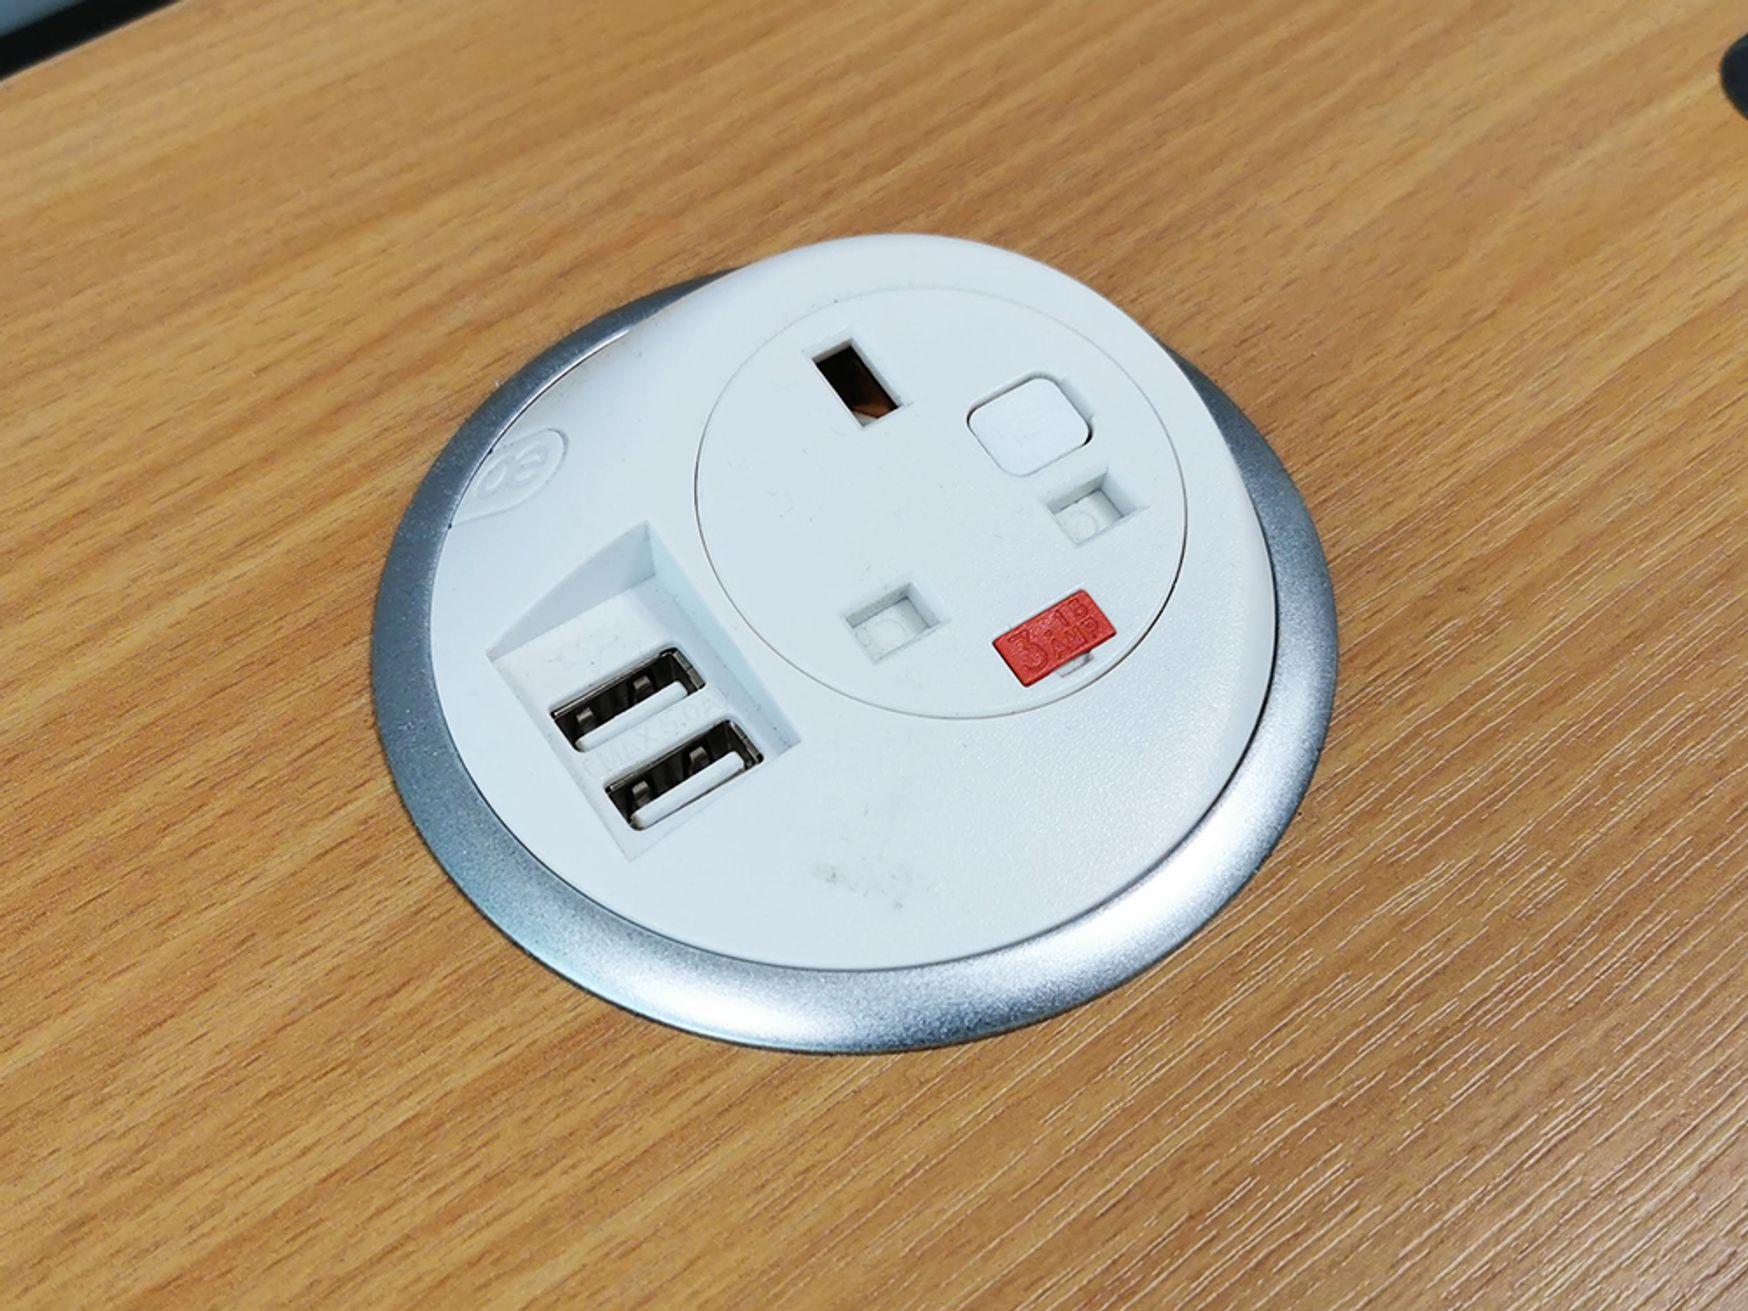 Used OE Electrics Grommet Hole Power Module